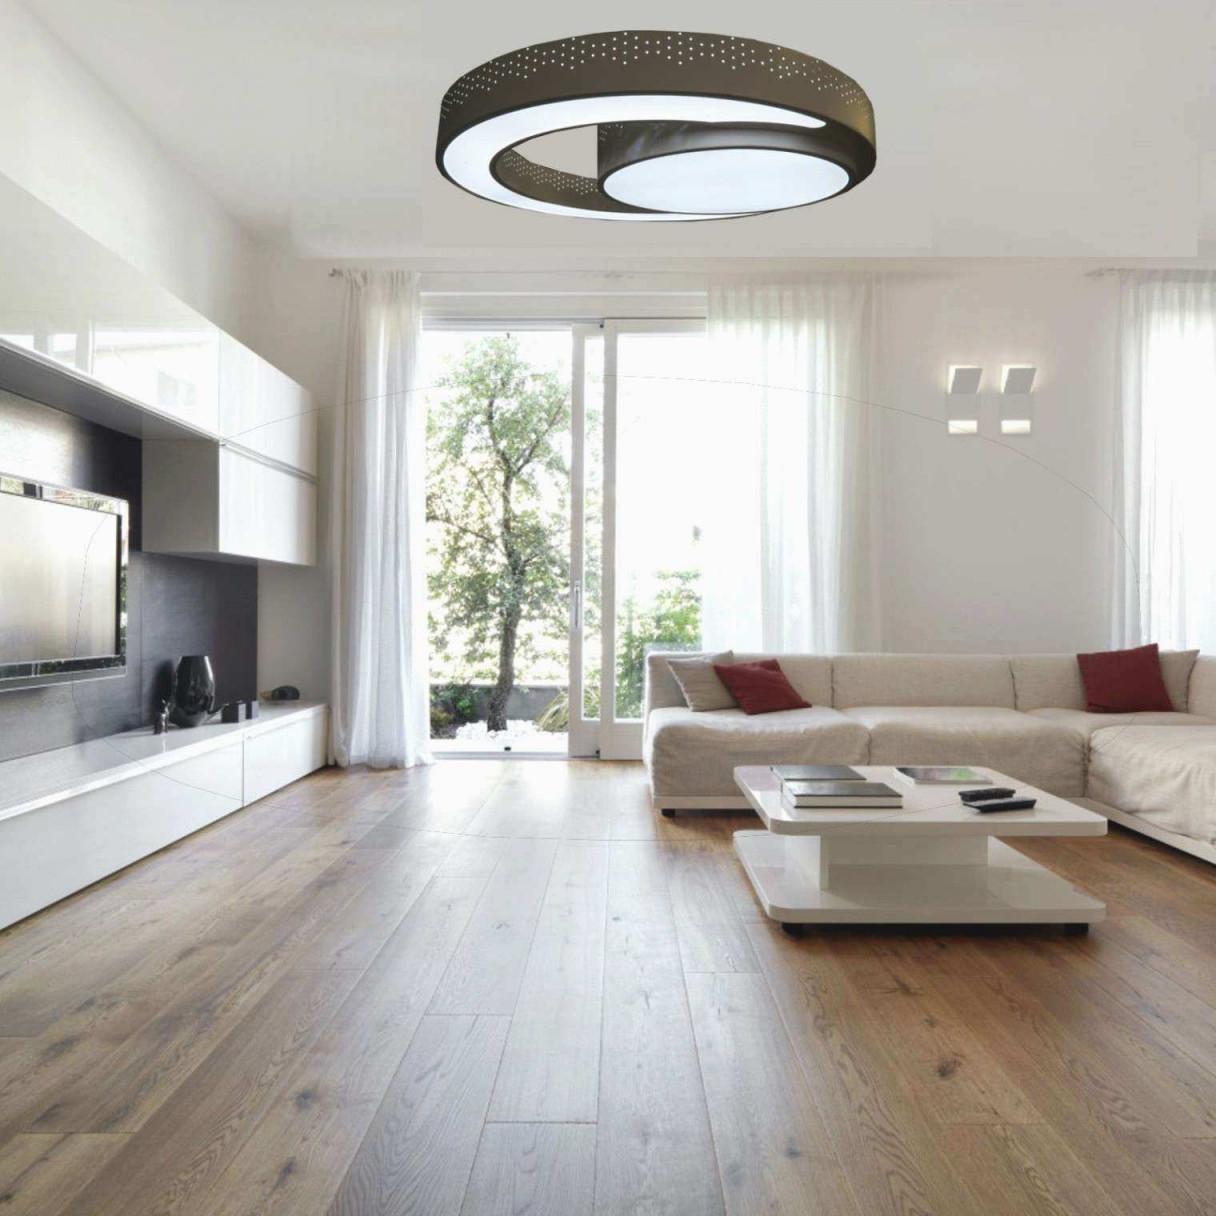 Lampen Moderner Landhausstil Reizend Wohnzimmer Lampe Modern von Wohnzimmer Lampe Modern Photo